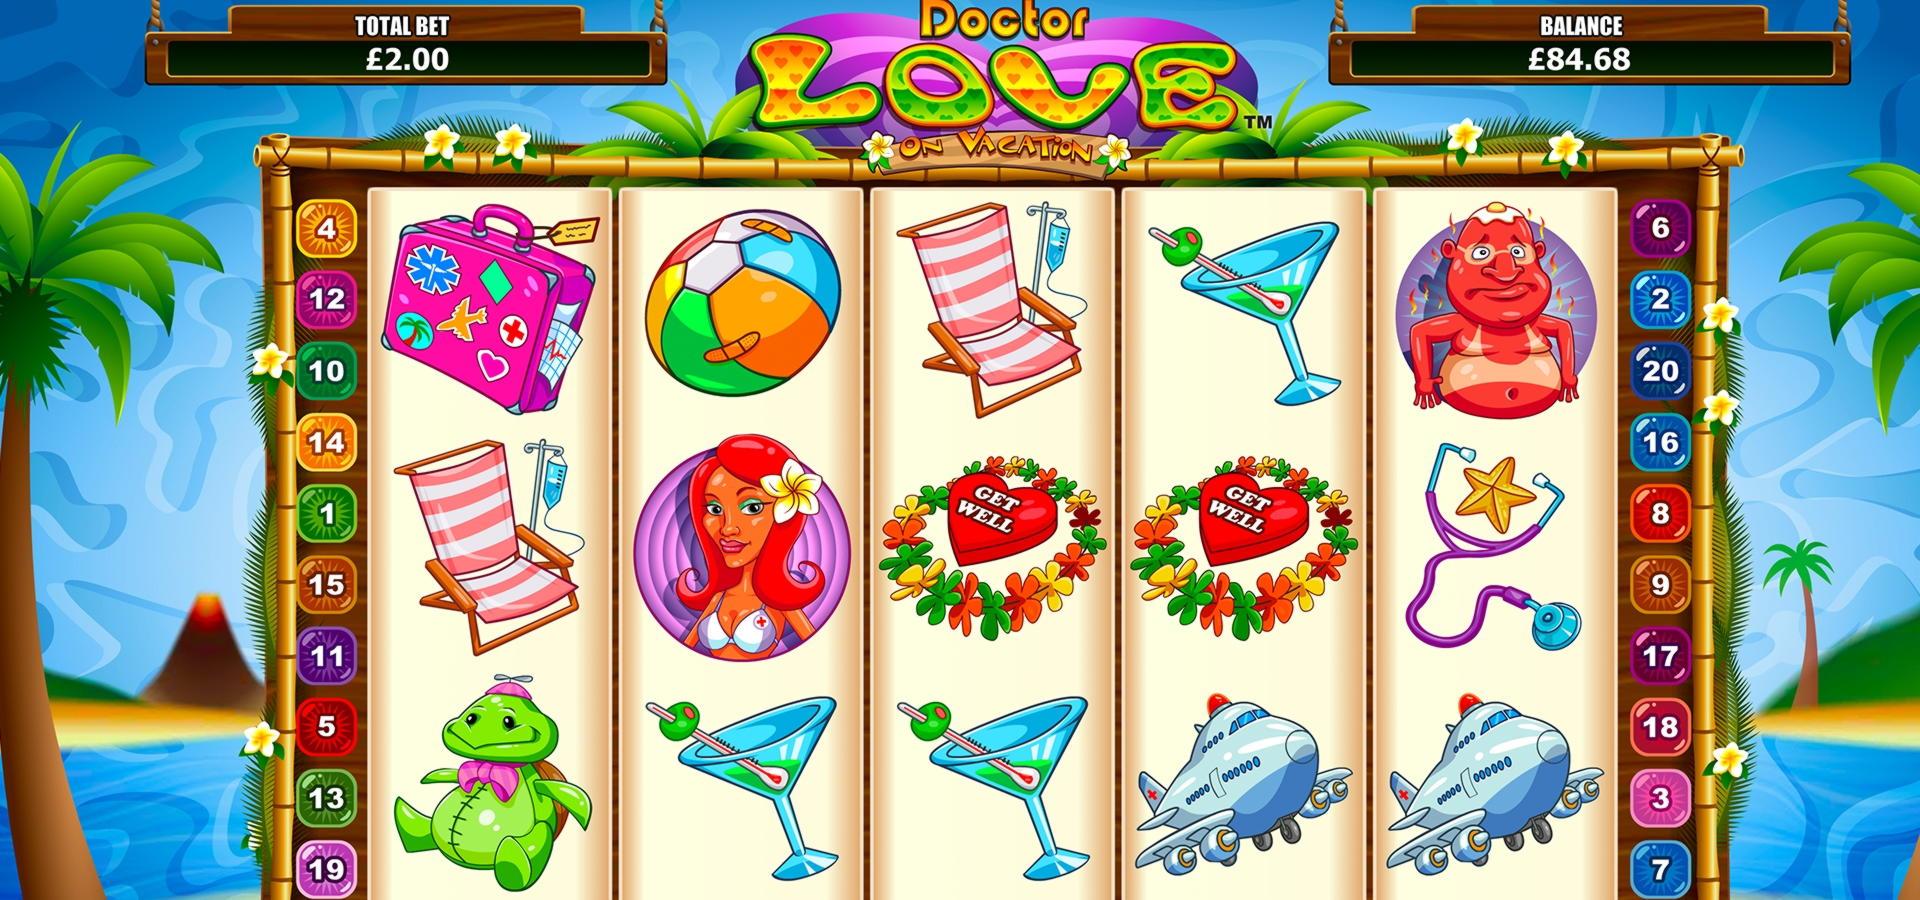 Joy Casinoda 805% Casino o'yin sovg'asi